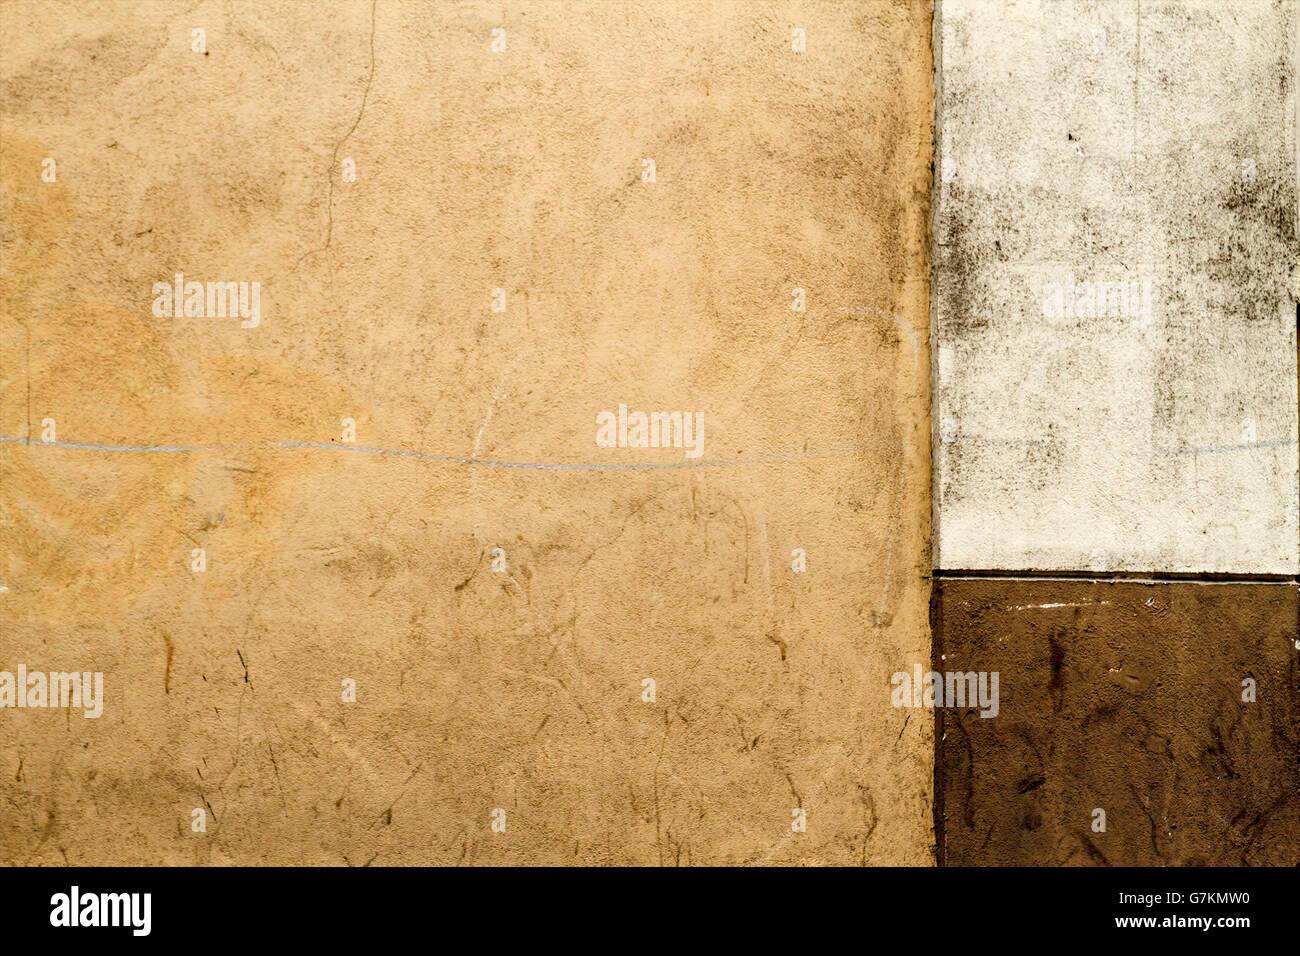 Old Concrete Wall Fragment Texture. Braun Colour. Horizontal Stock ...